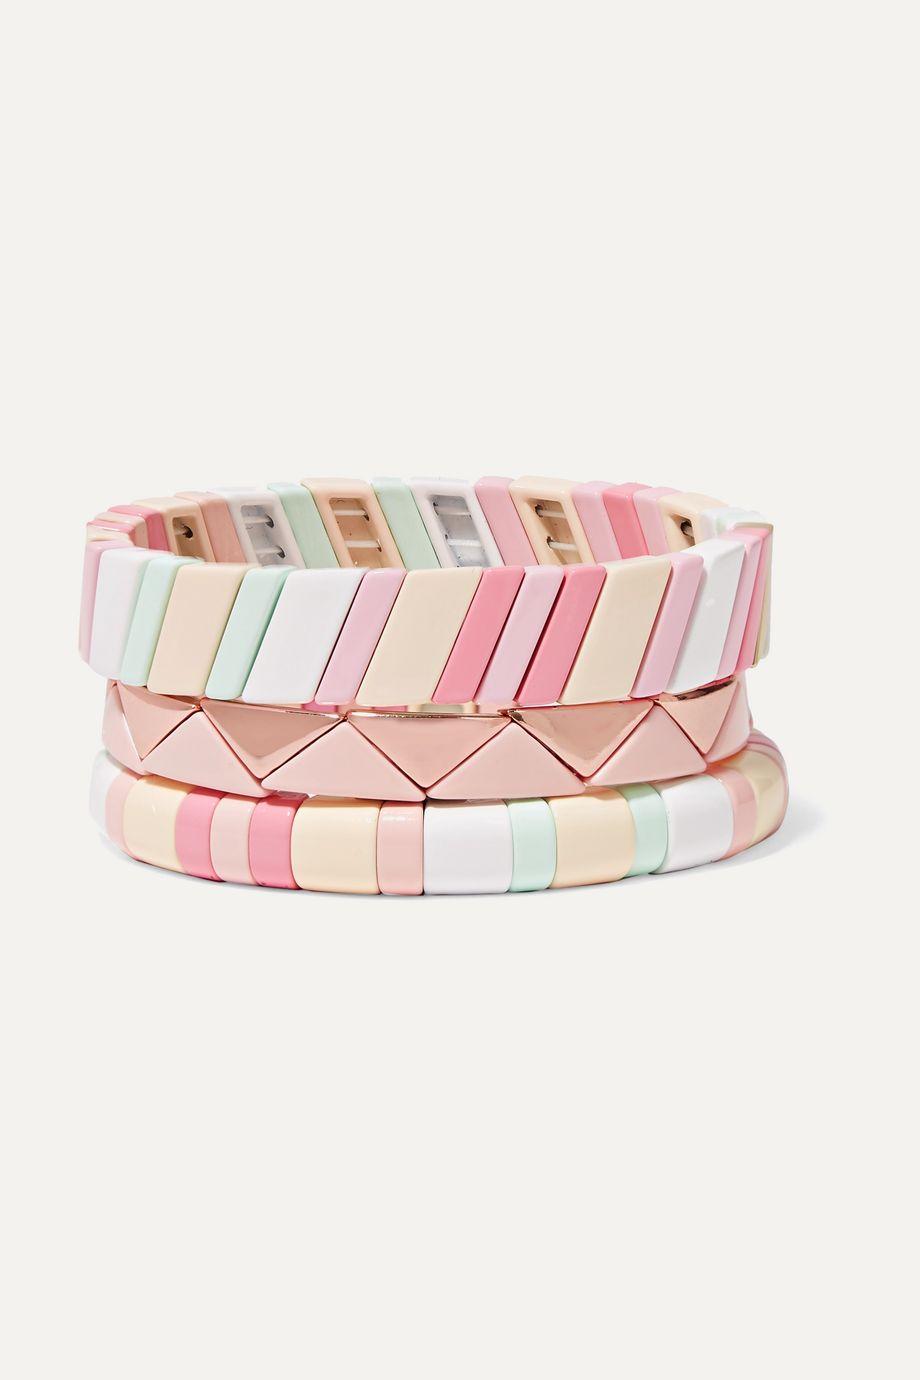 록산느 애슐린 팔찌 Roxanne Assoulin Bahamas set of three enamel bracelets,Pink